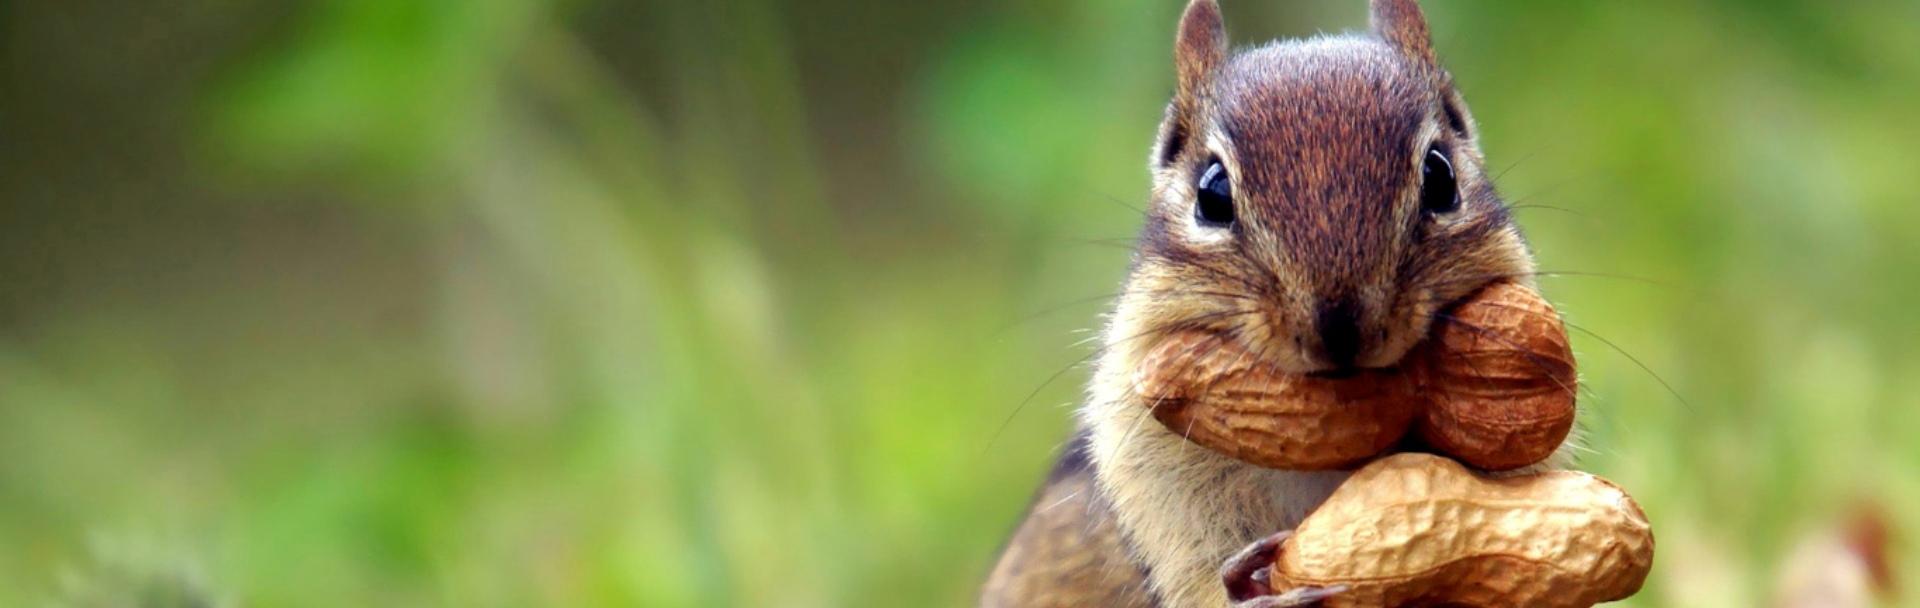 10 lucruri interesante despre veveriţe